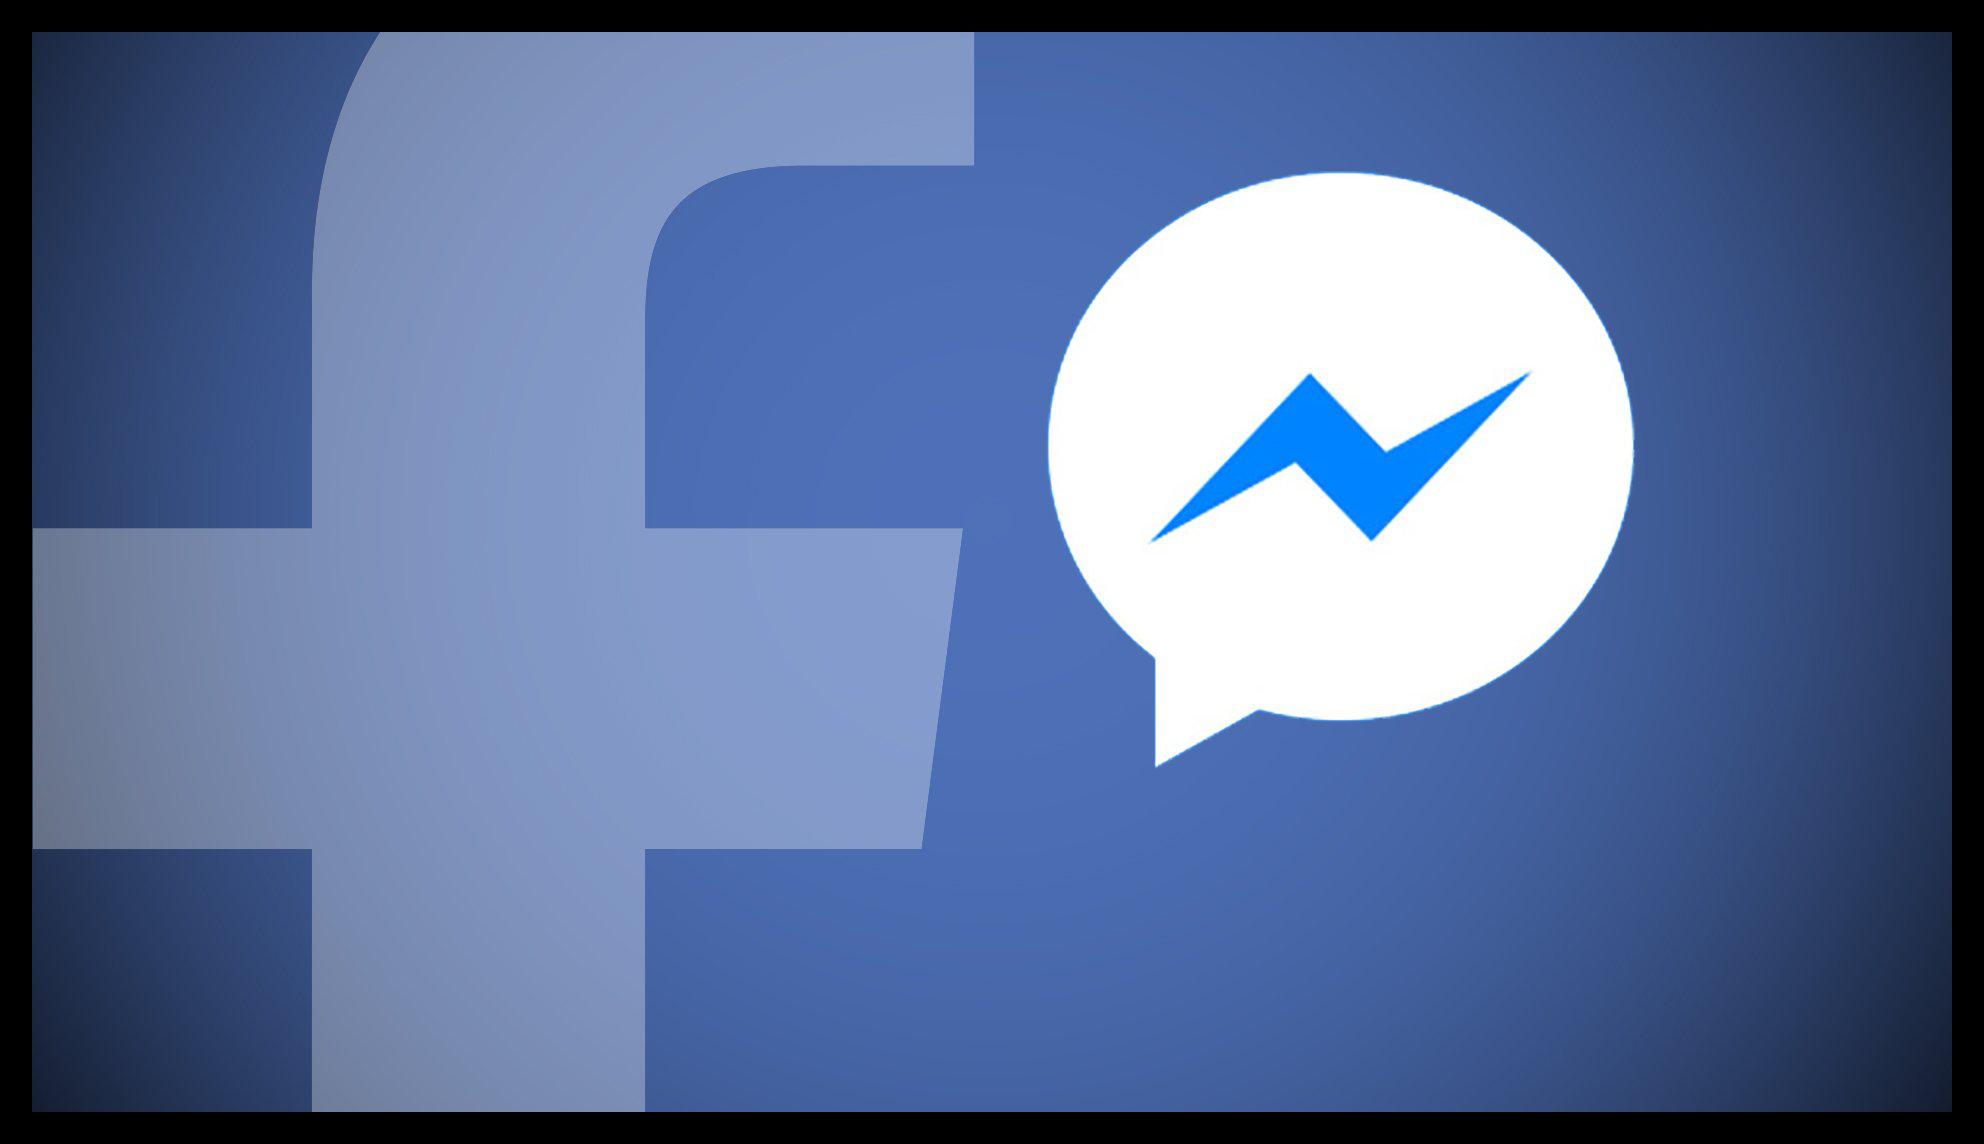 Картинка Facebook и Facebook Messenger